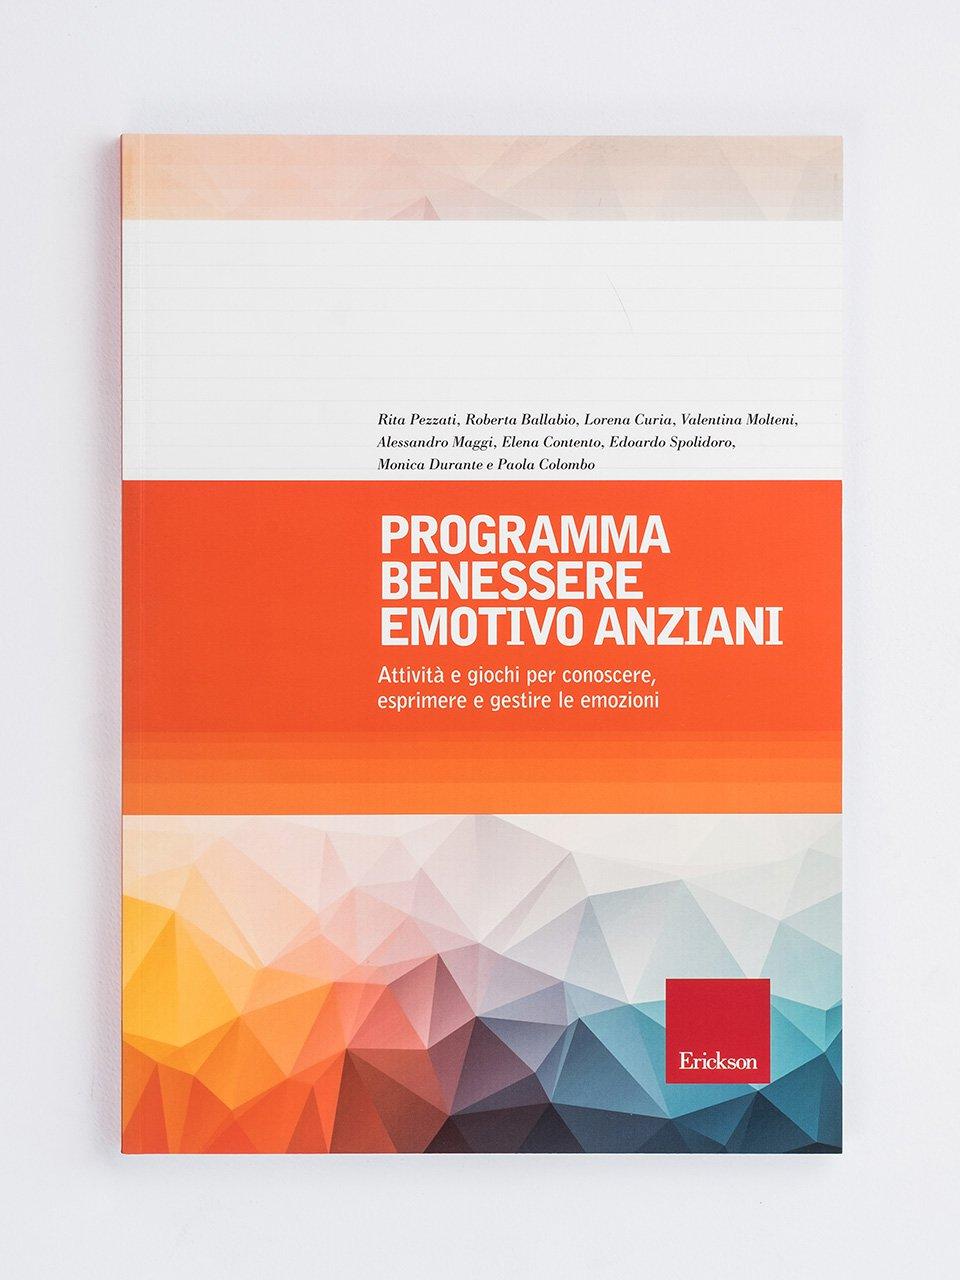 Programma benessere emotivo anziani - Nove principi per assistere gli anziani - Erickson